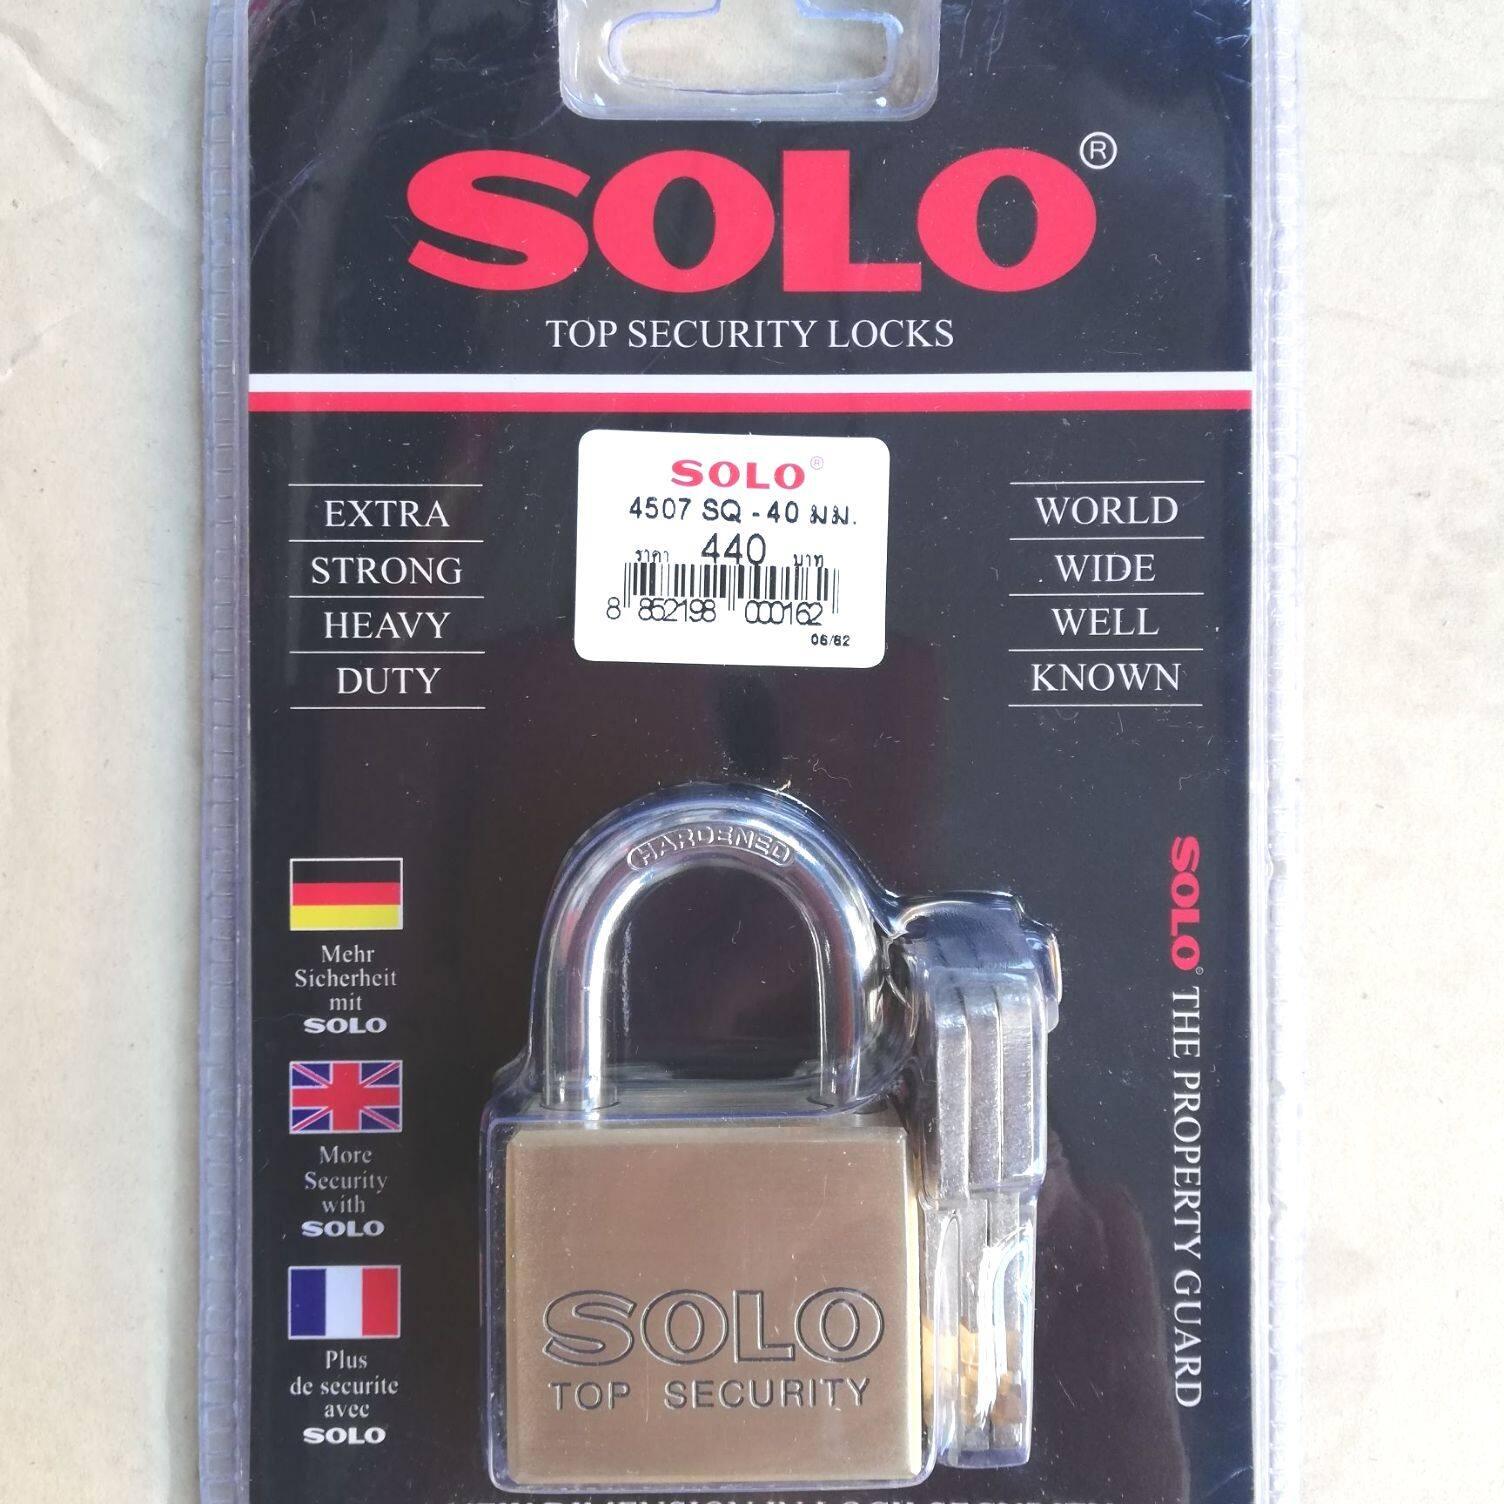 Solo กุญแจโซโล กุญแจทองเหลือง ระบบลูกปืน ขนาด 40 Mm No 4507 Sq.